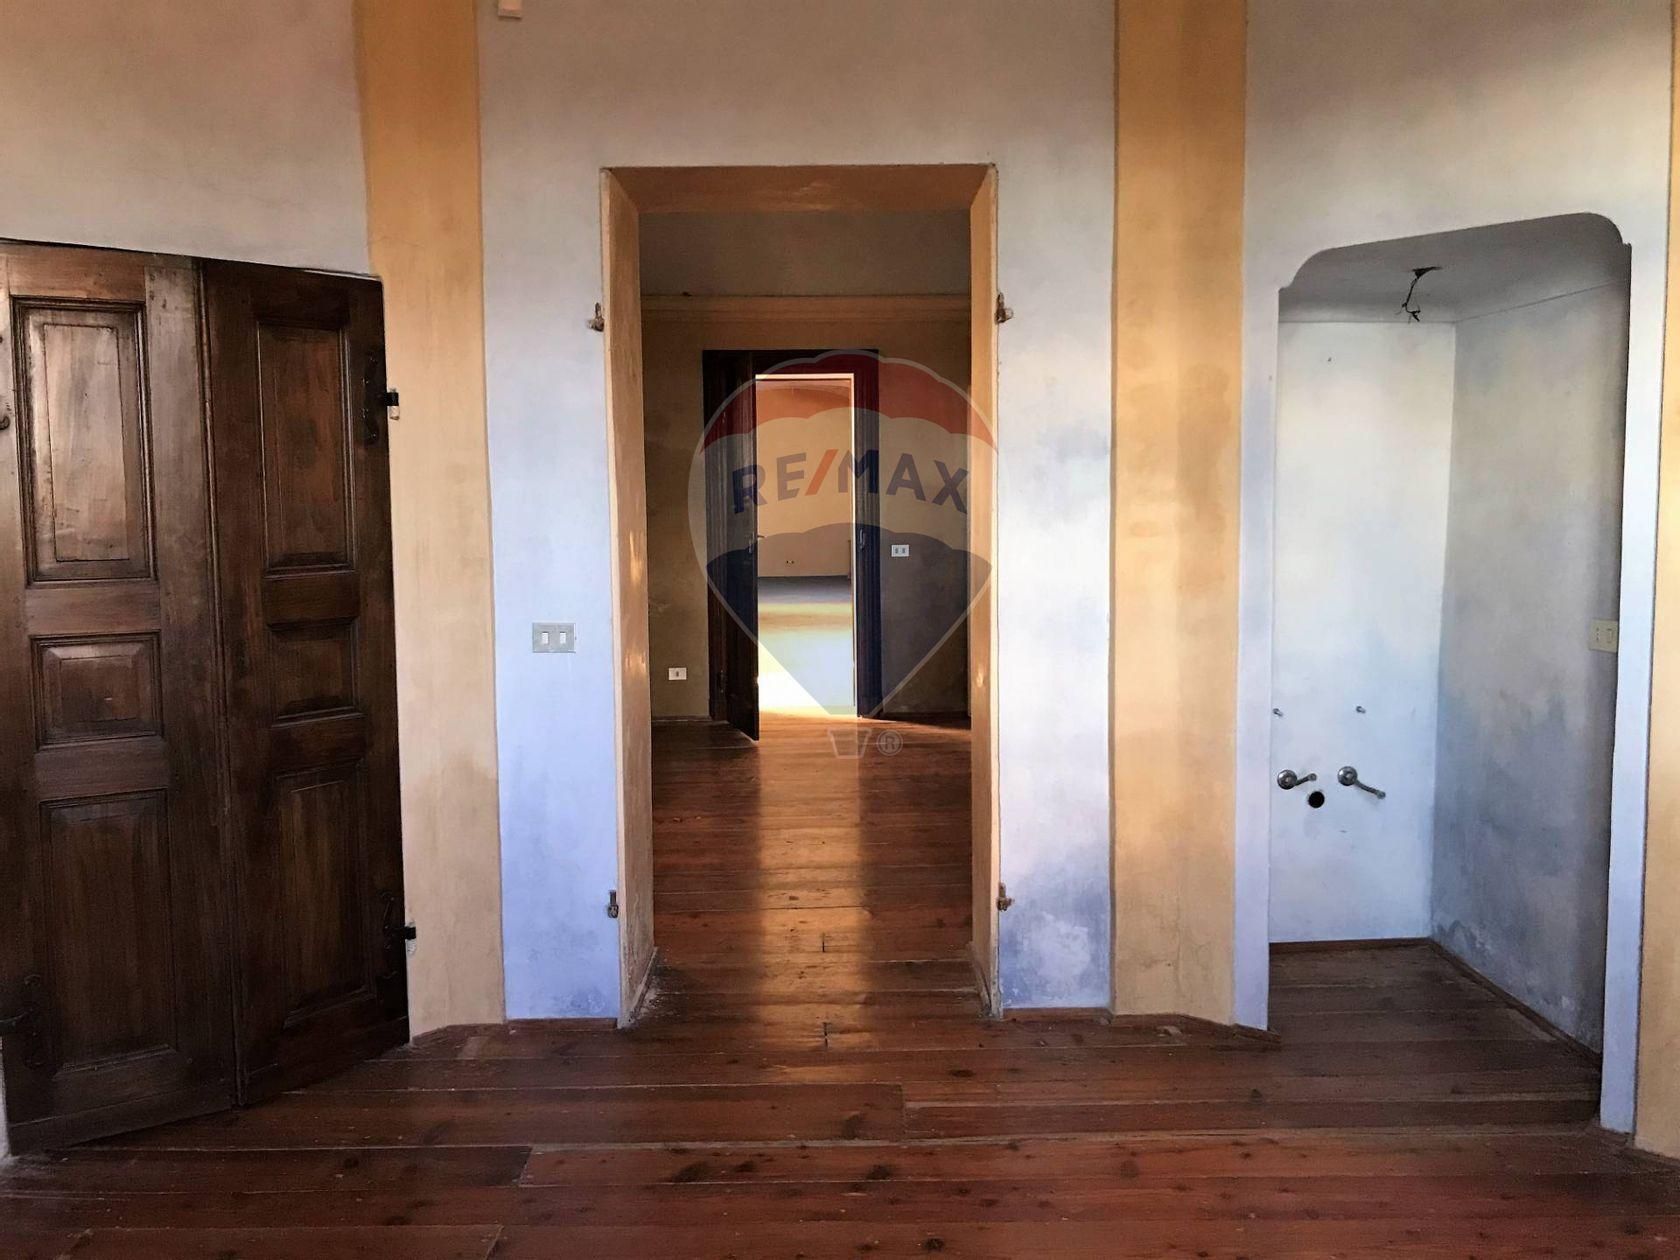 Appartamento Avuglione, Marentino, TO Vendita - Foto 28